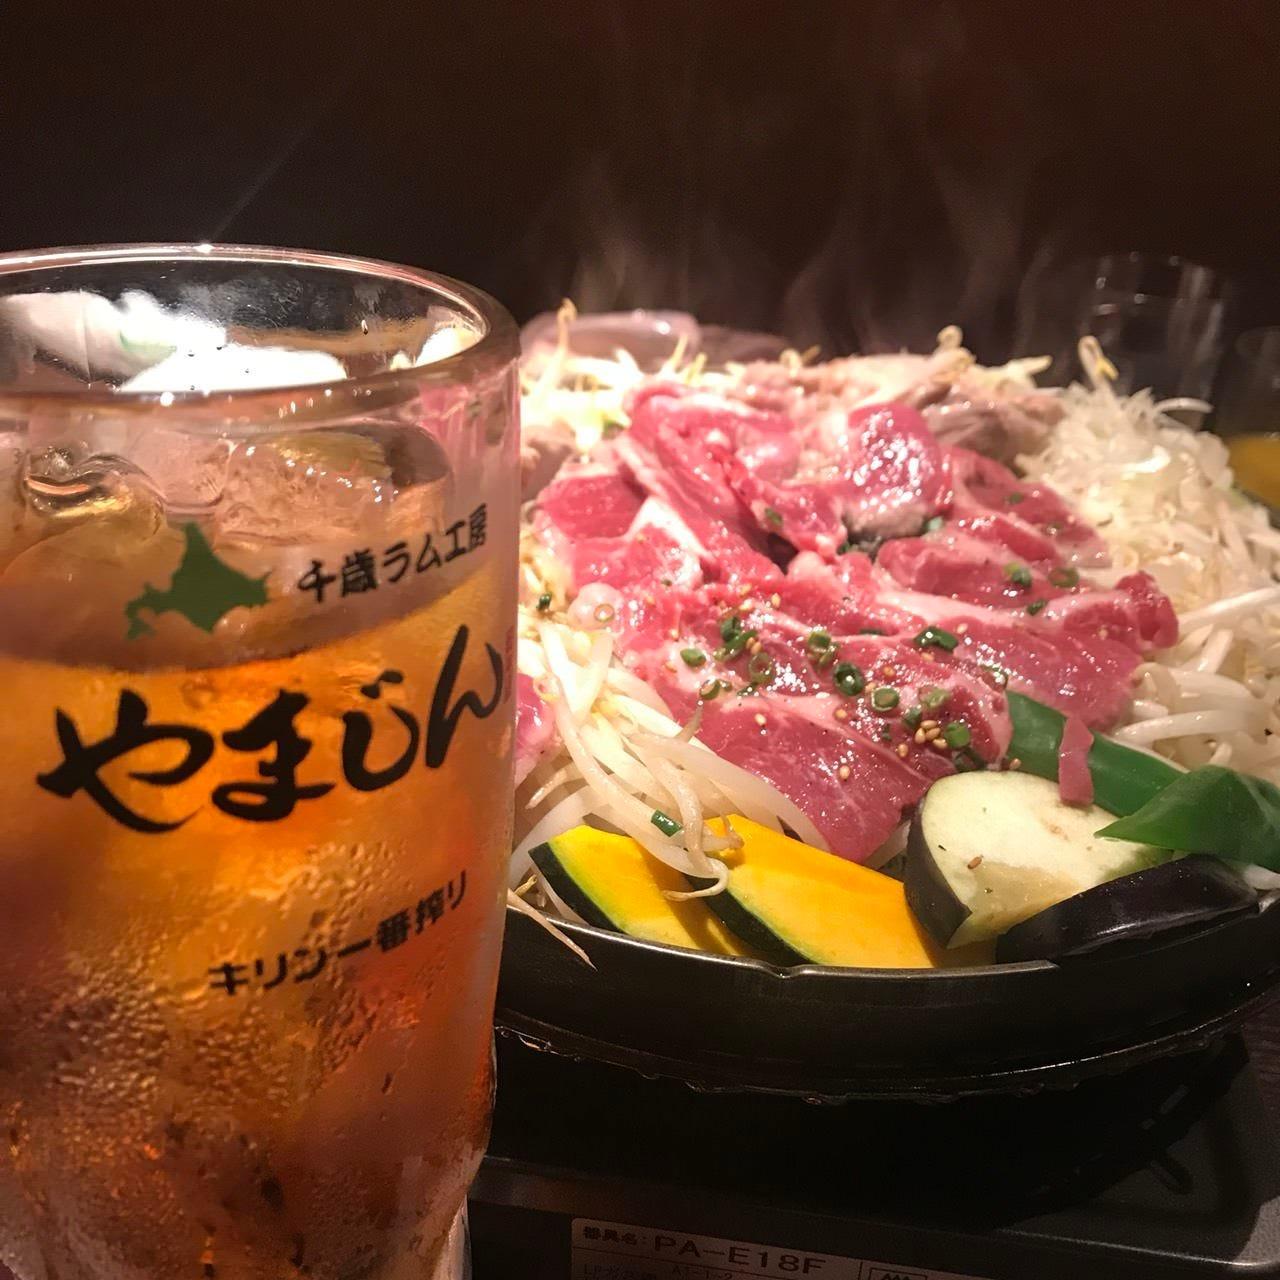 ジンギスカンと相性抜群のお酒!